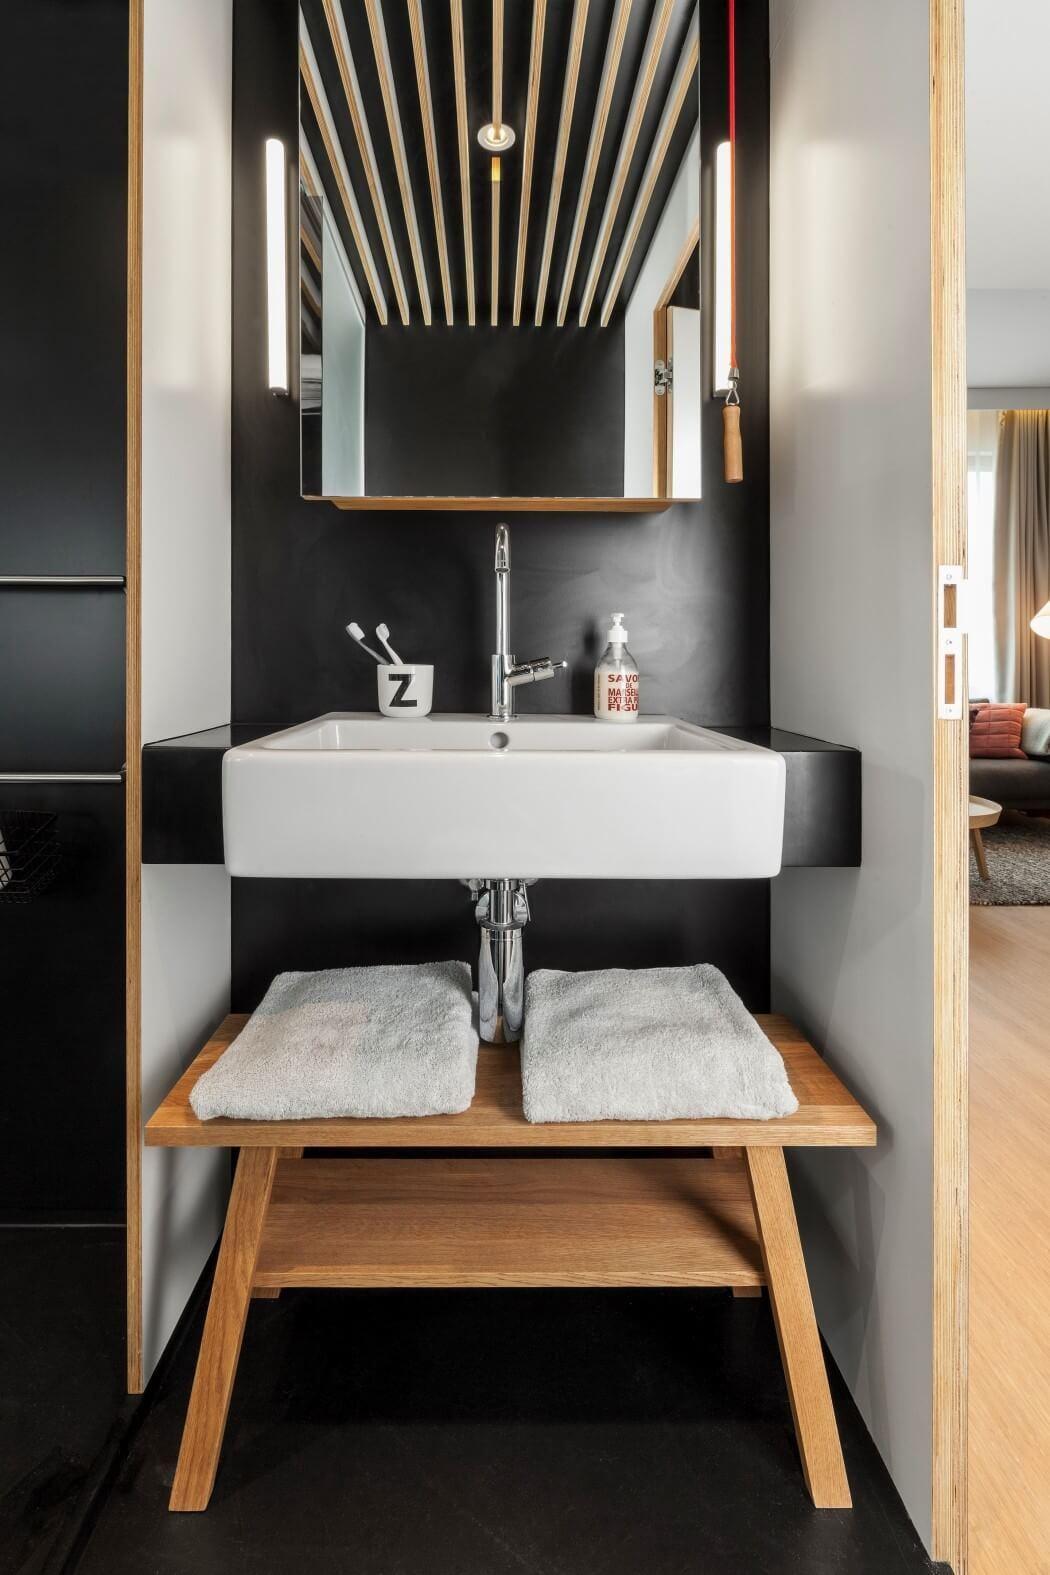 #90653B Confira 90 imagens inspiradoras de lavabos e banheiros e inspire se: 1050x1575 px Banheiros Pequenos E Lavabos 343